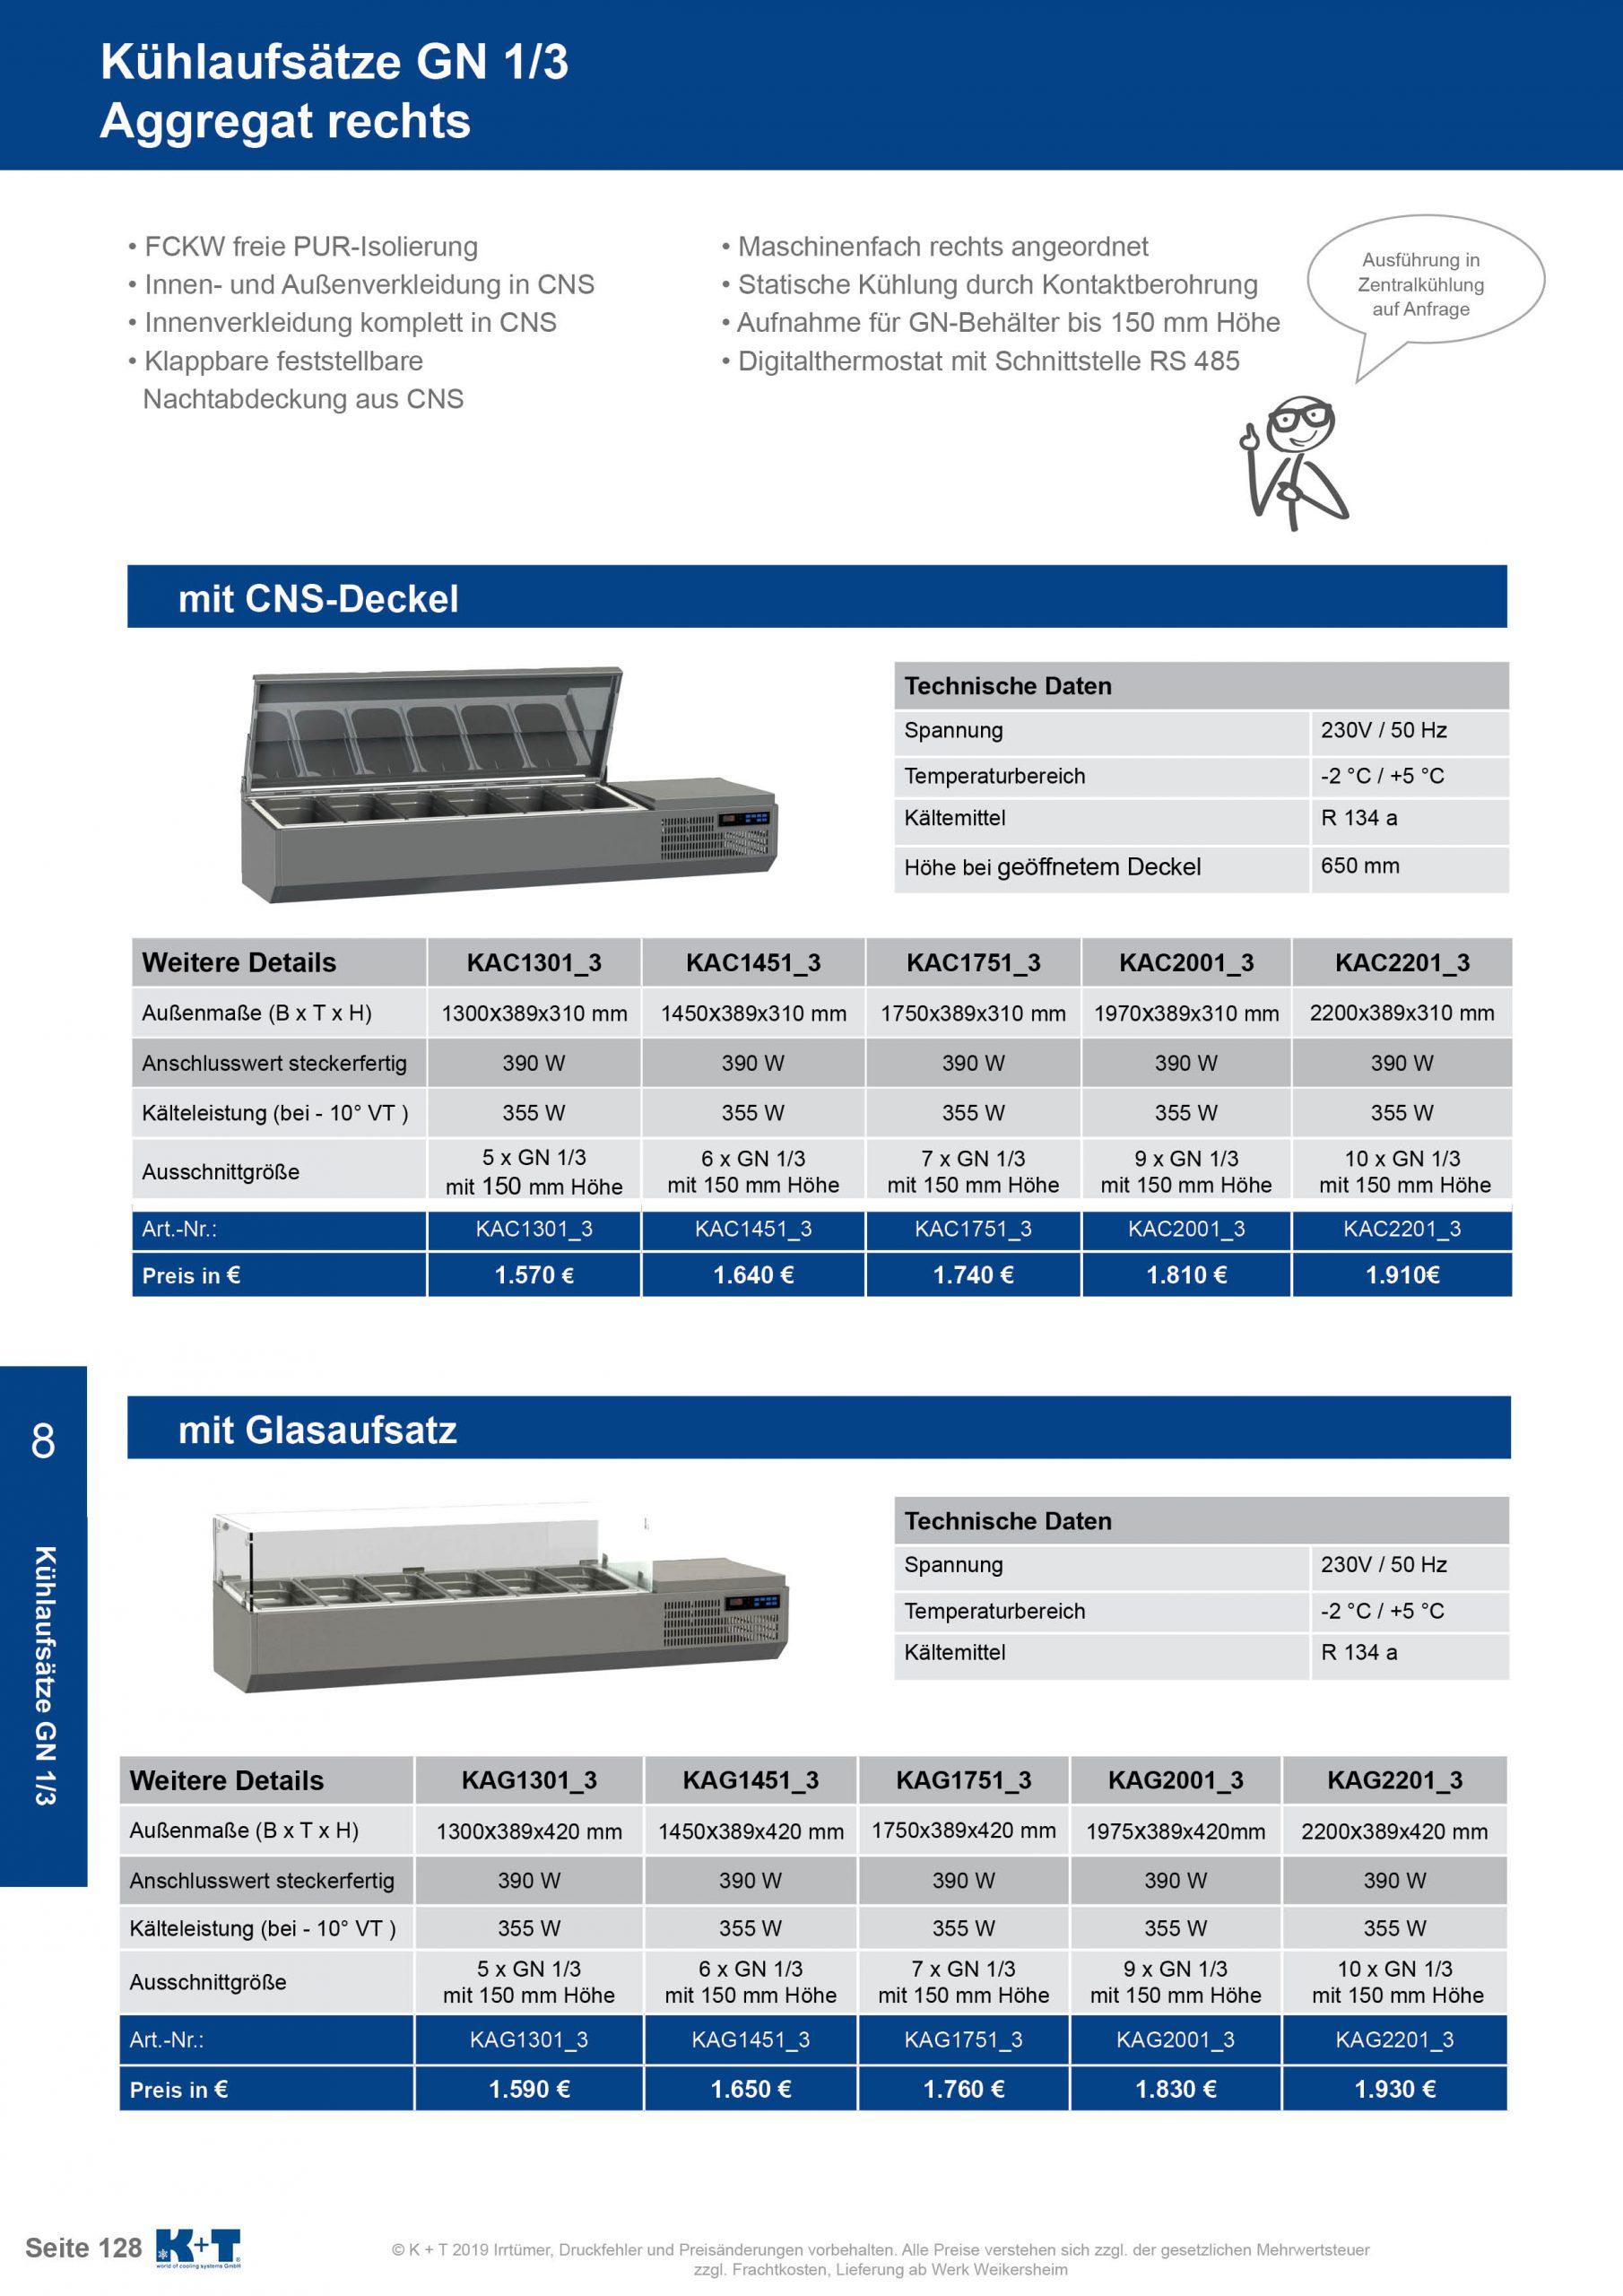 Kühlaufsätze GN 1_3 Aggregat rechts